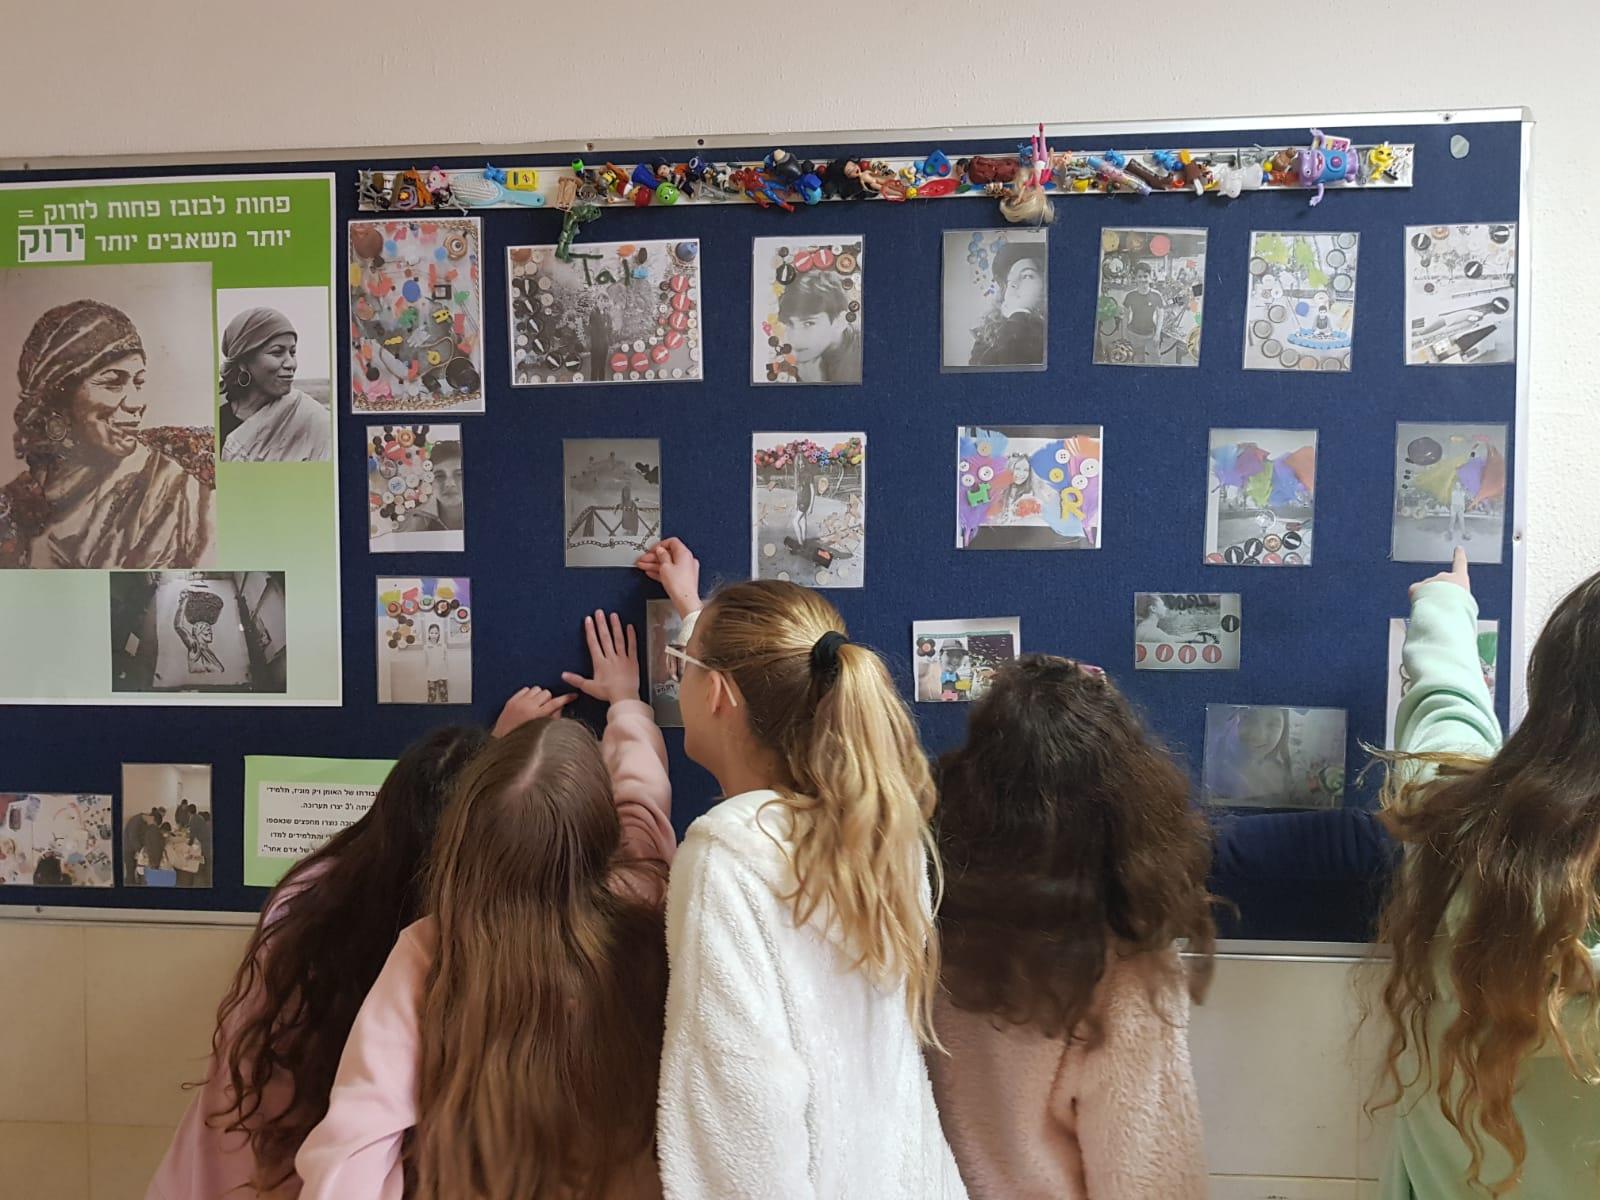 תלמידים עם דיוקנאות מחומרים ממוחזרים